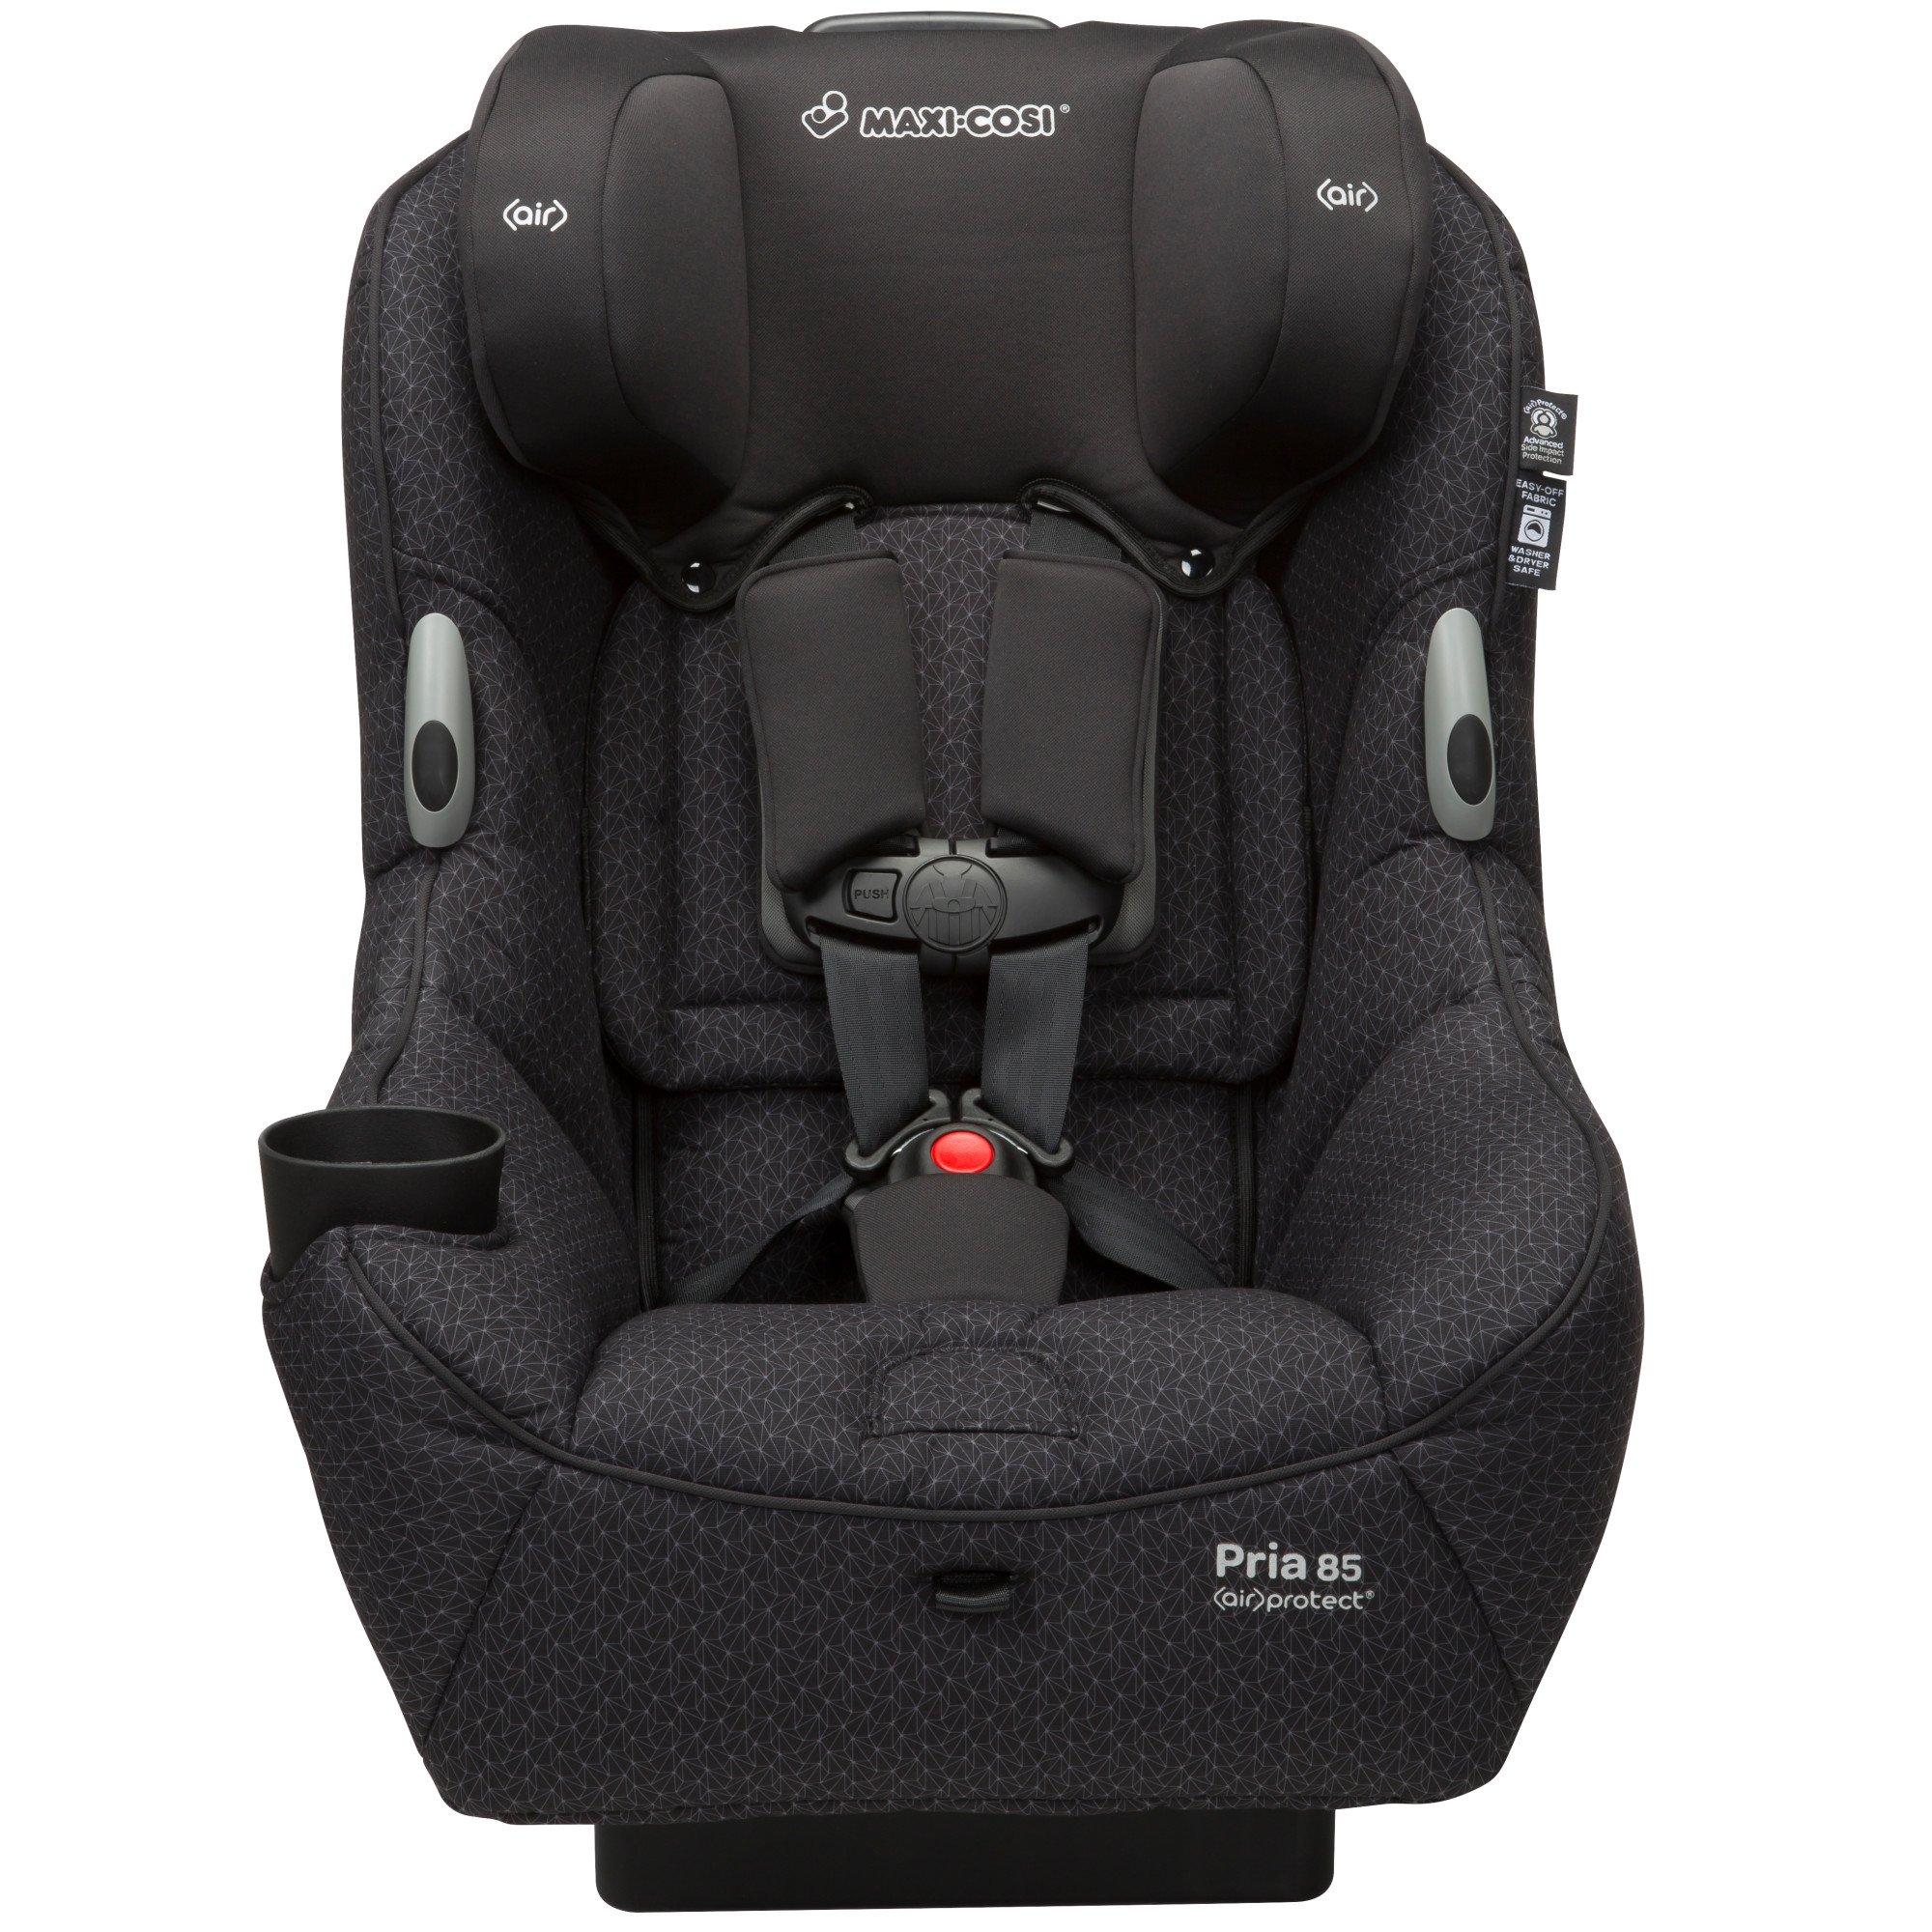 new safety car seat for kids toddler travel black free. Black Bedroom Furniture Sets. Home Design Ideas